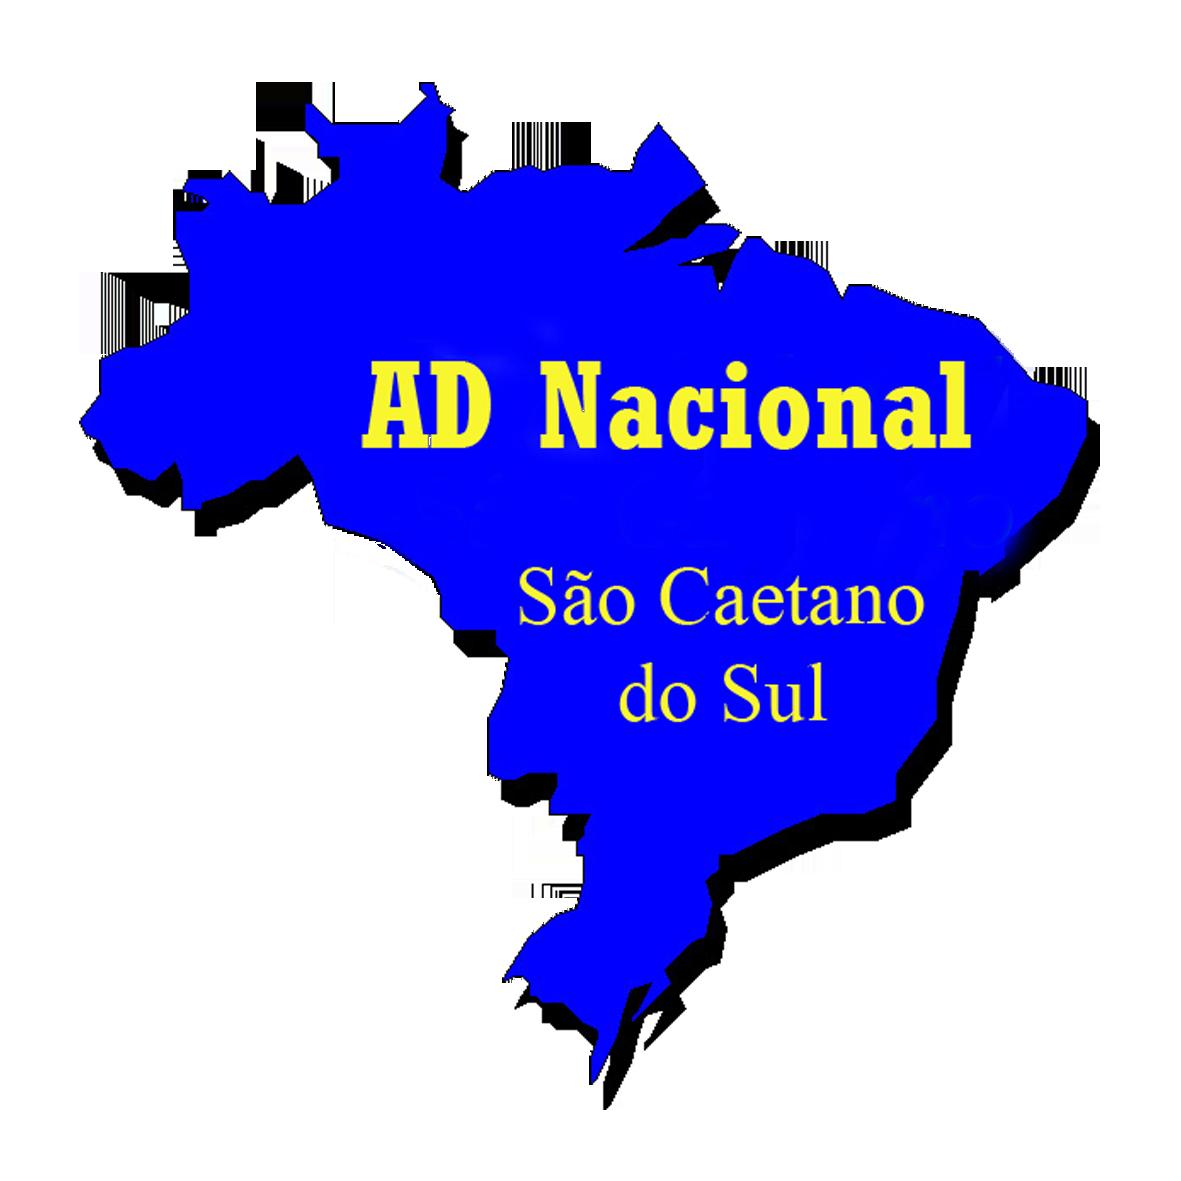 AD Nacional